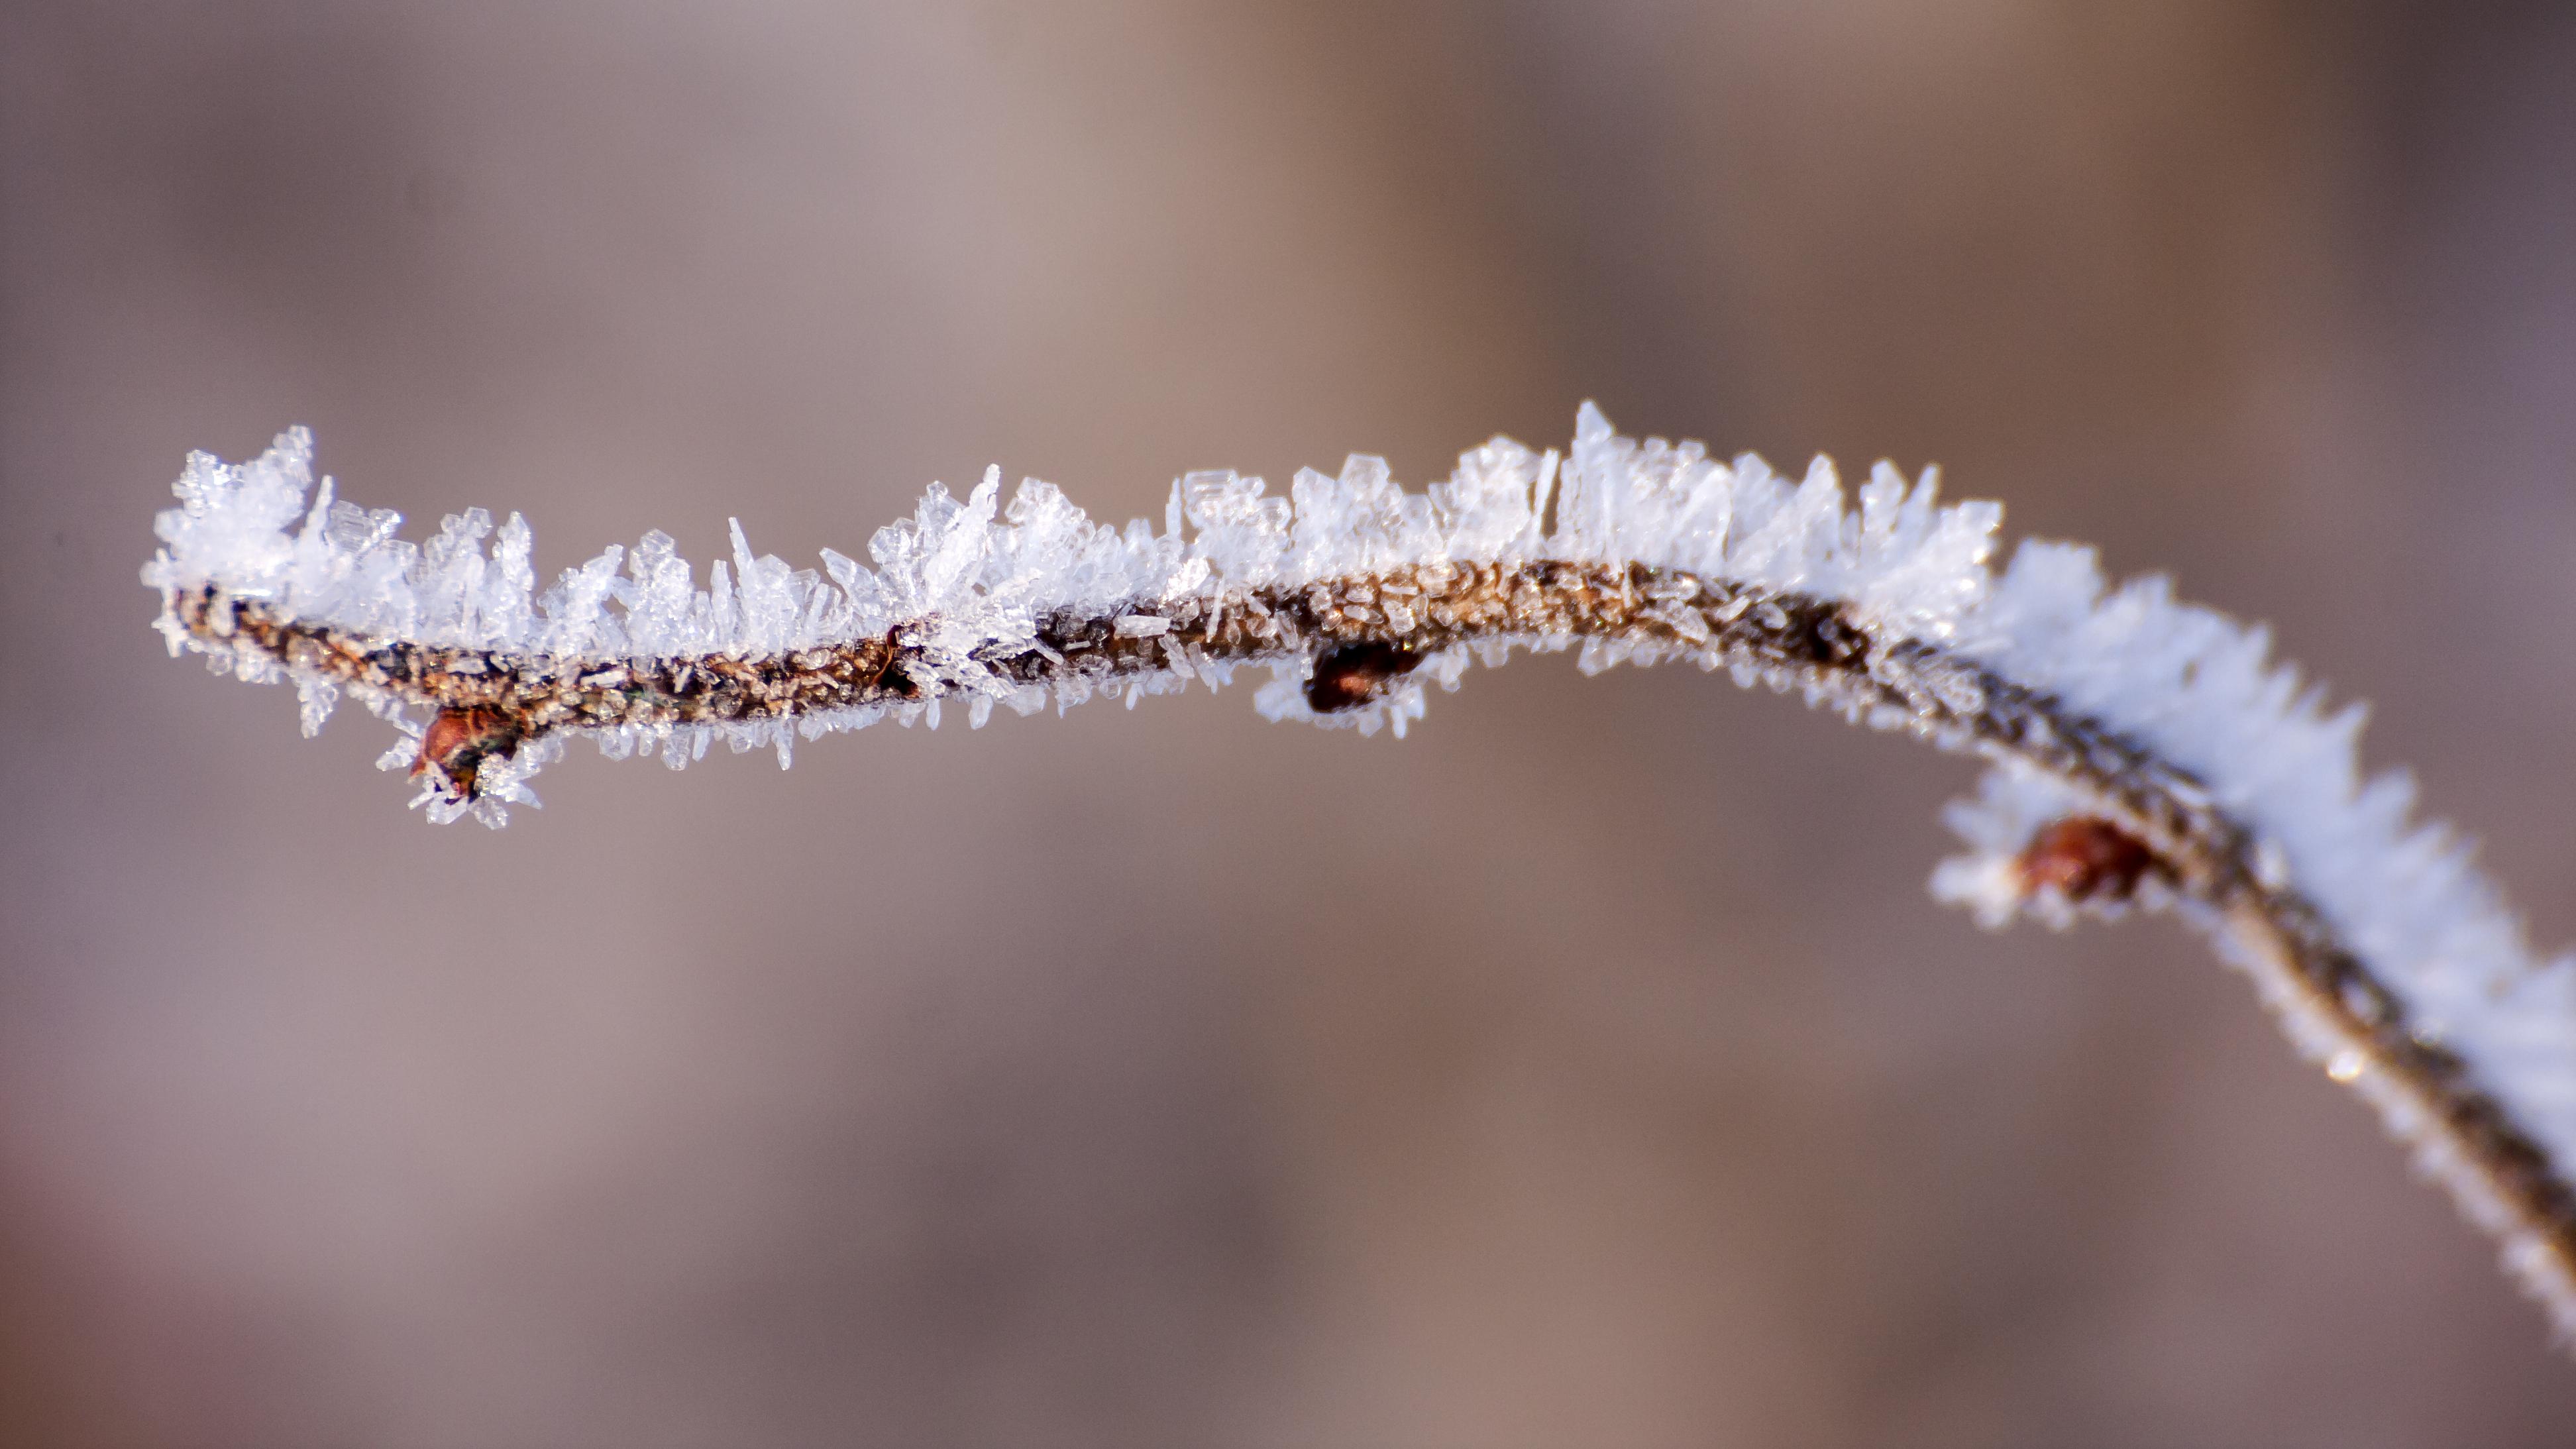 File:Kvist med rimfrost.jpg - Wikimedia Commons